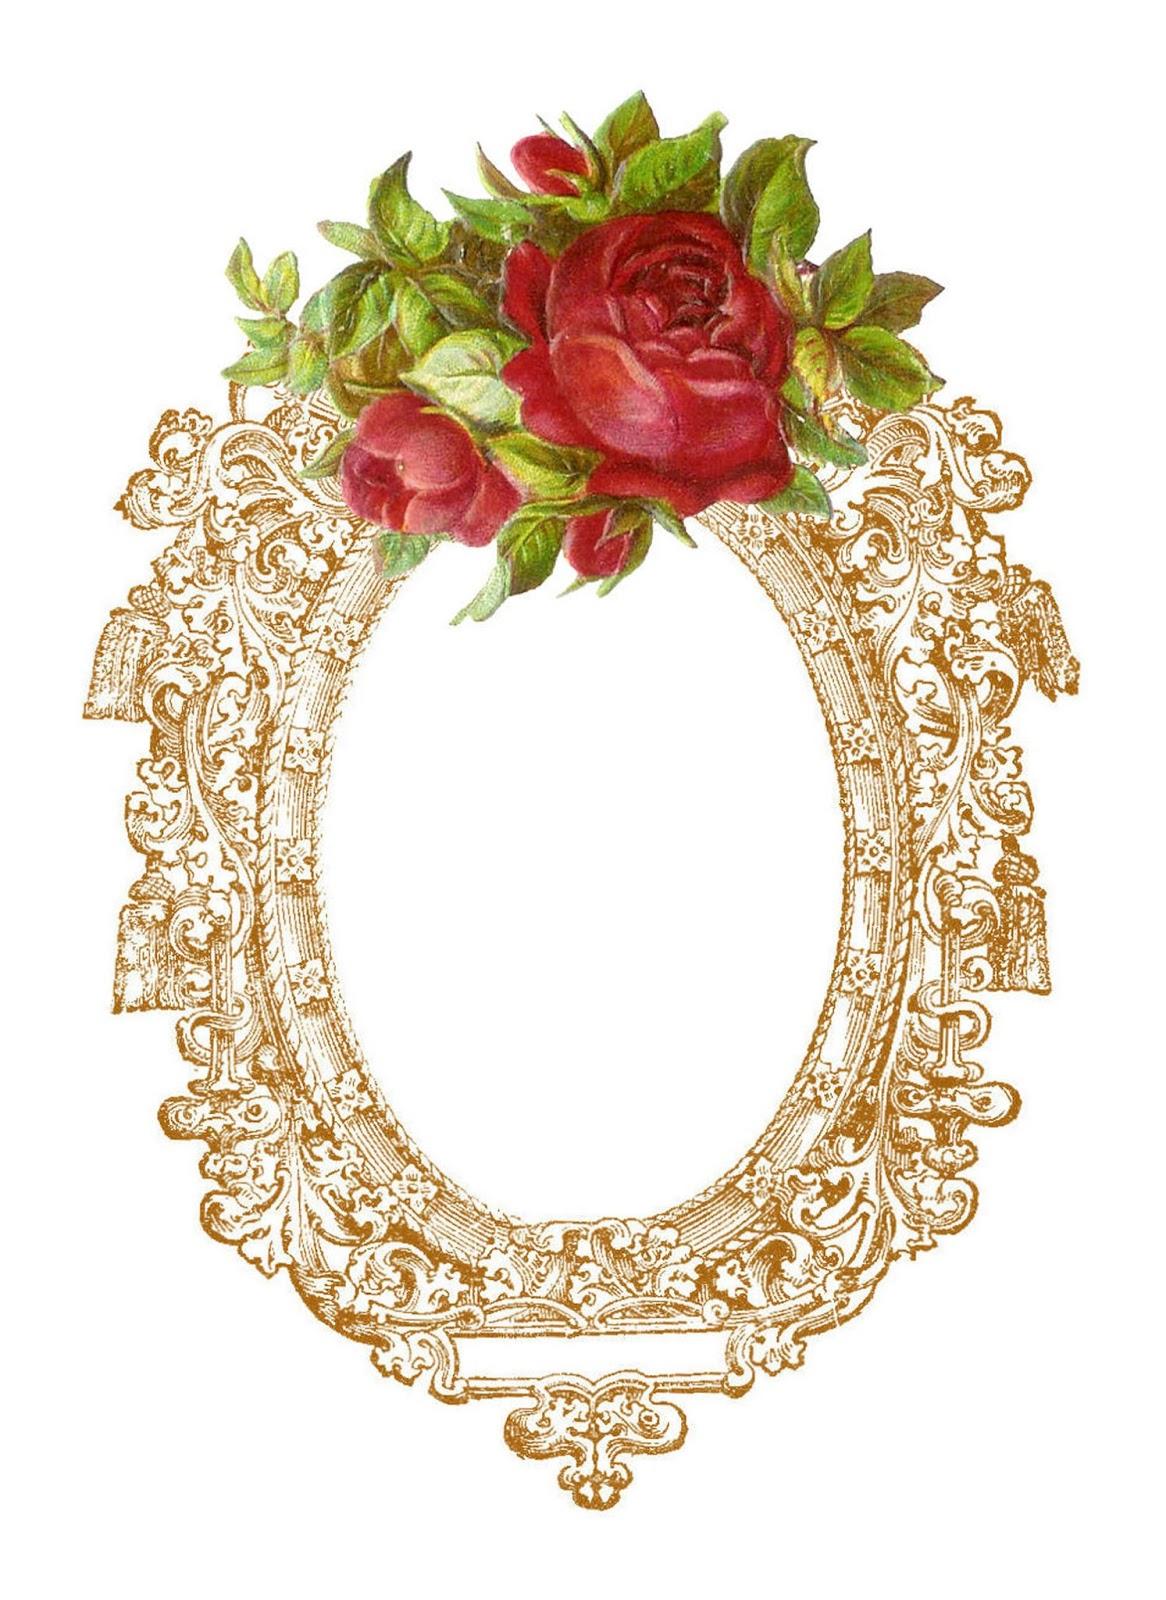 Vintage Flower clipart vintage love Clip Images: Free Digital Red